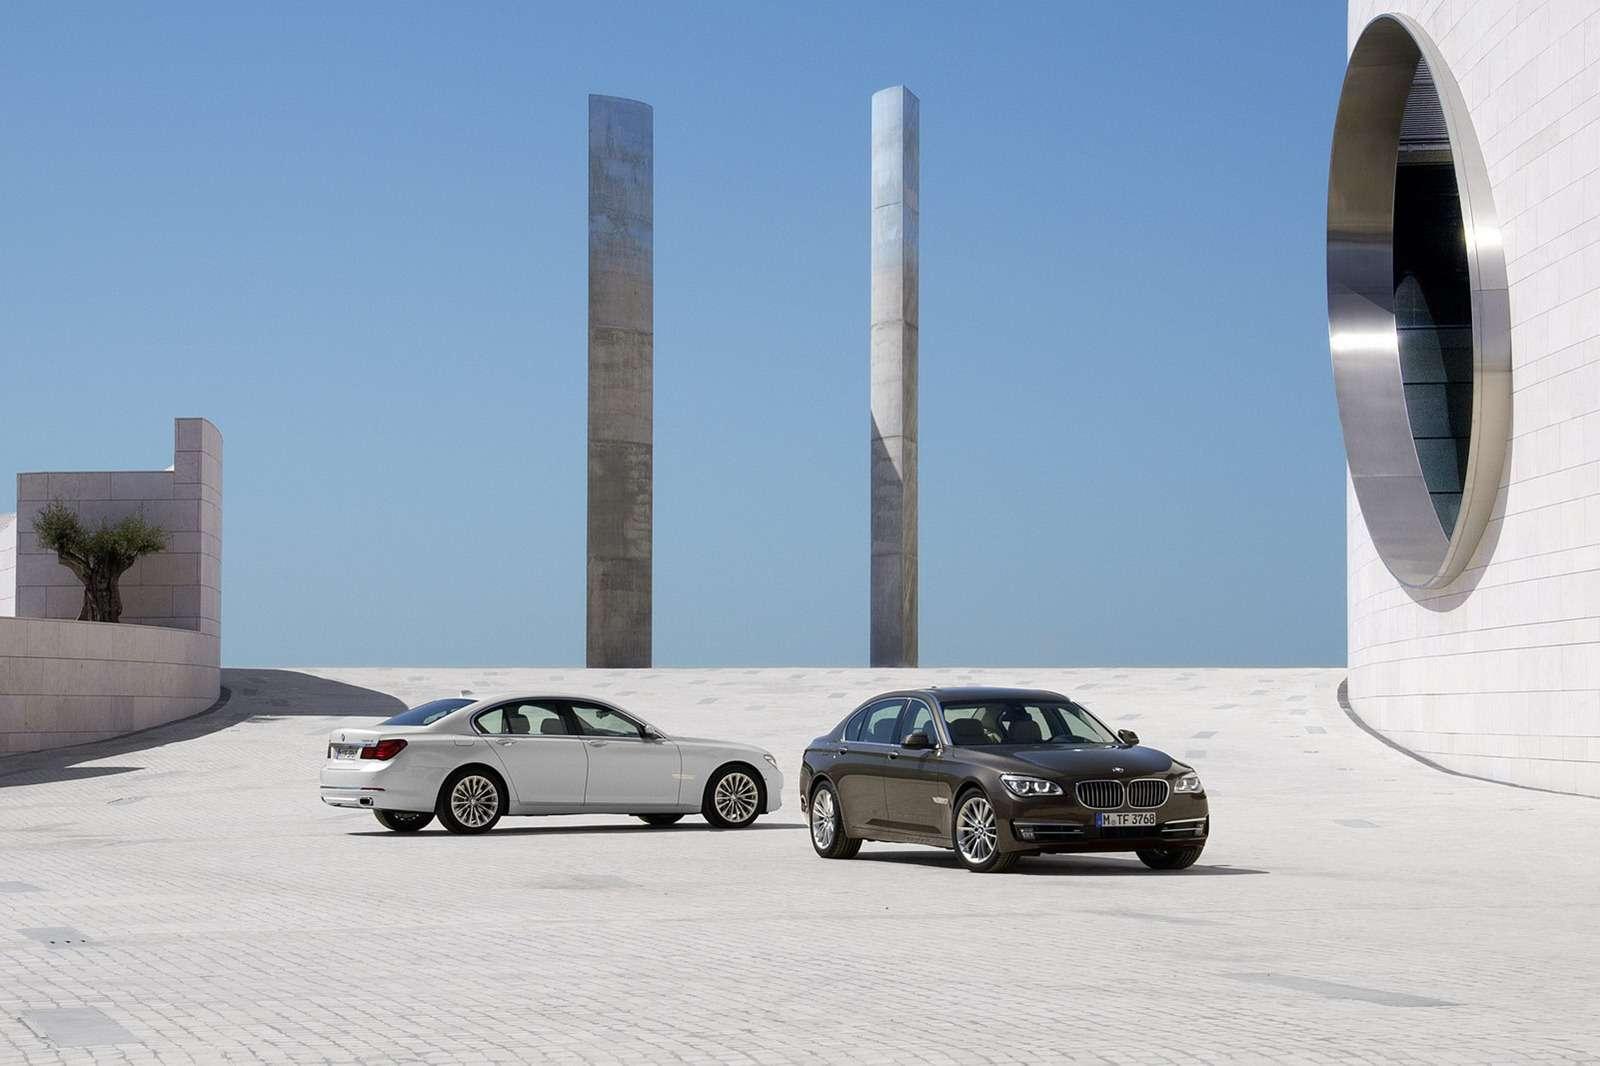 BMW serii 7 facelifting 2013 szpiegowskie